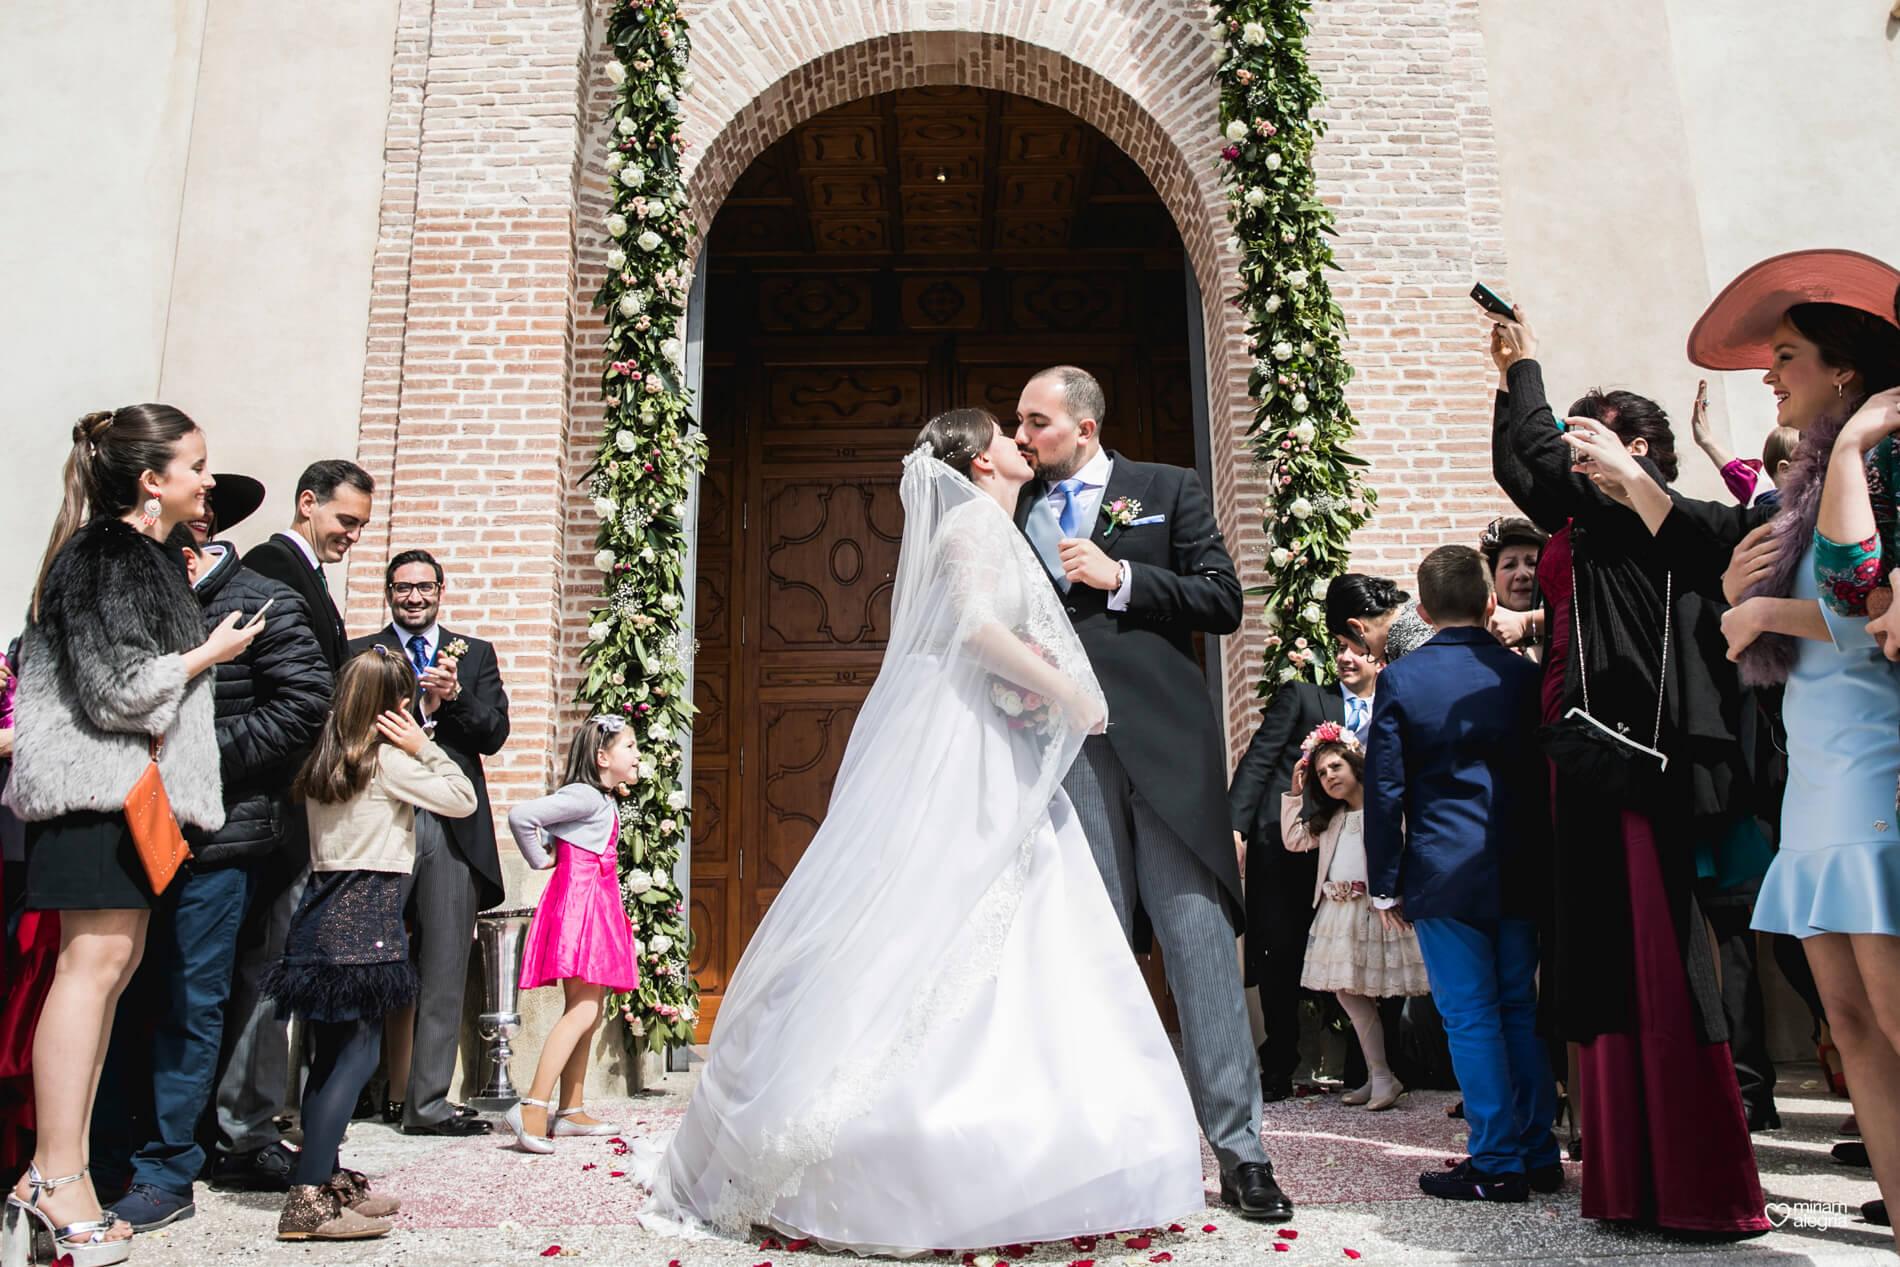 boda-en-el-rincon-huertano-miriam-alegria-fotografos-boda-murcia-91